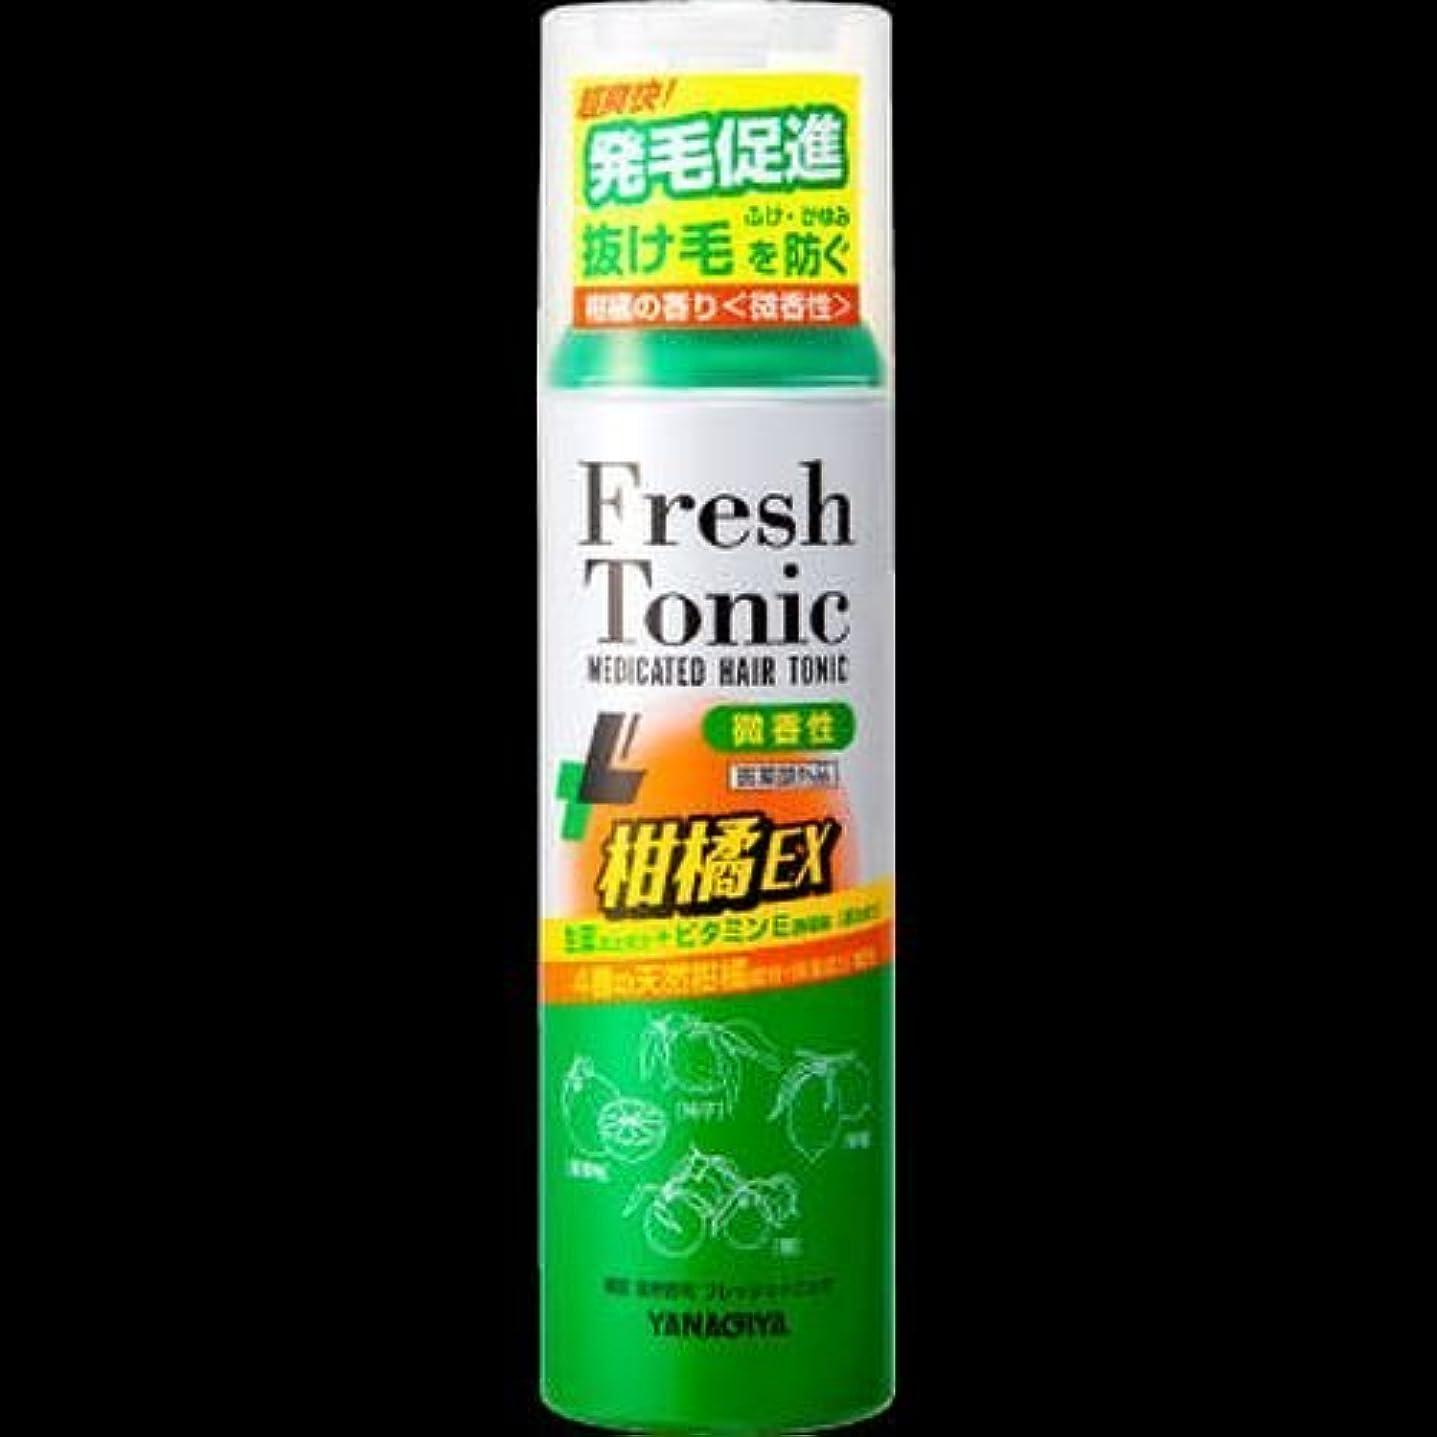 一元化するなかなか分析【まとめ買い】柳屋 薬用育毛 フレッシュトニック 柑橘EX <微香性> 190g ×2セット